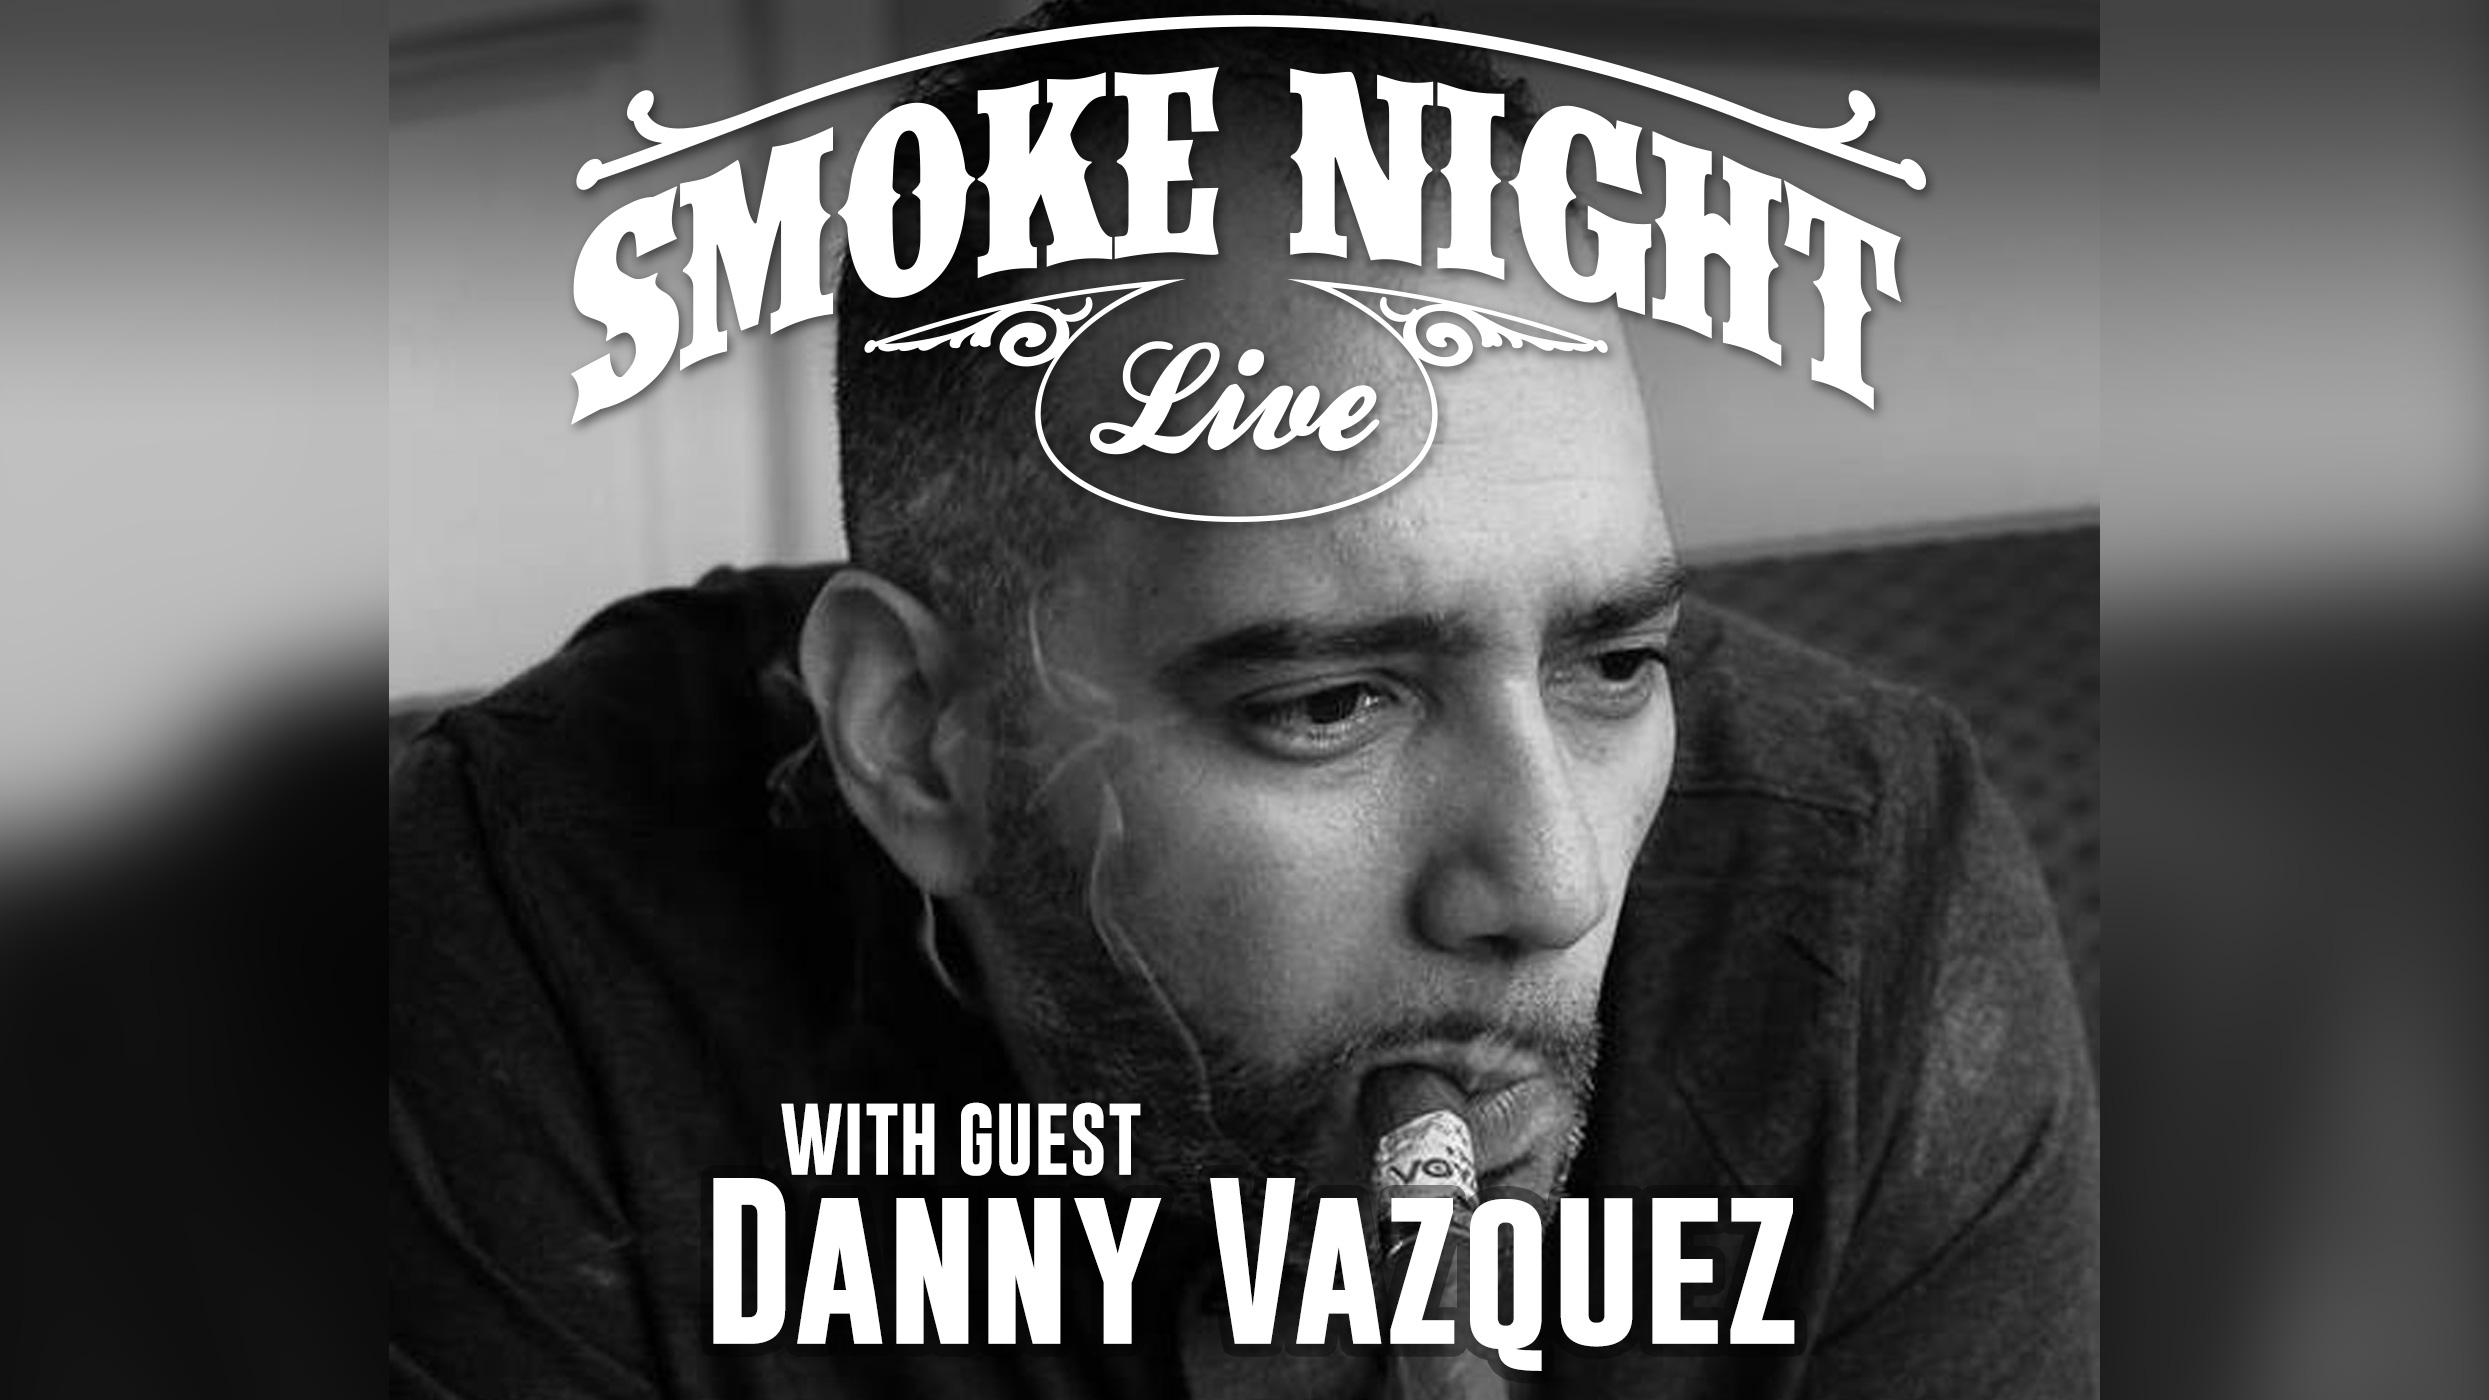 Danny Vazquez Baracoa Cigar Company